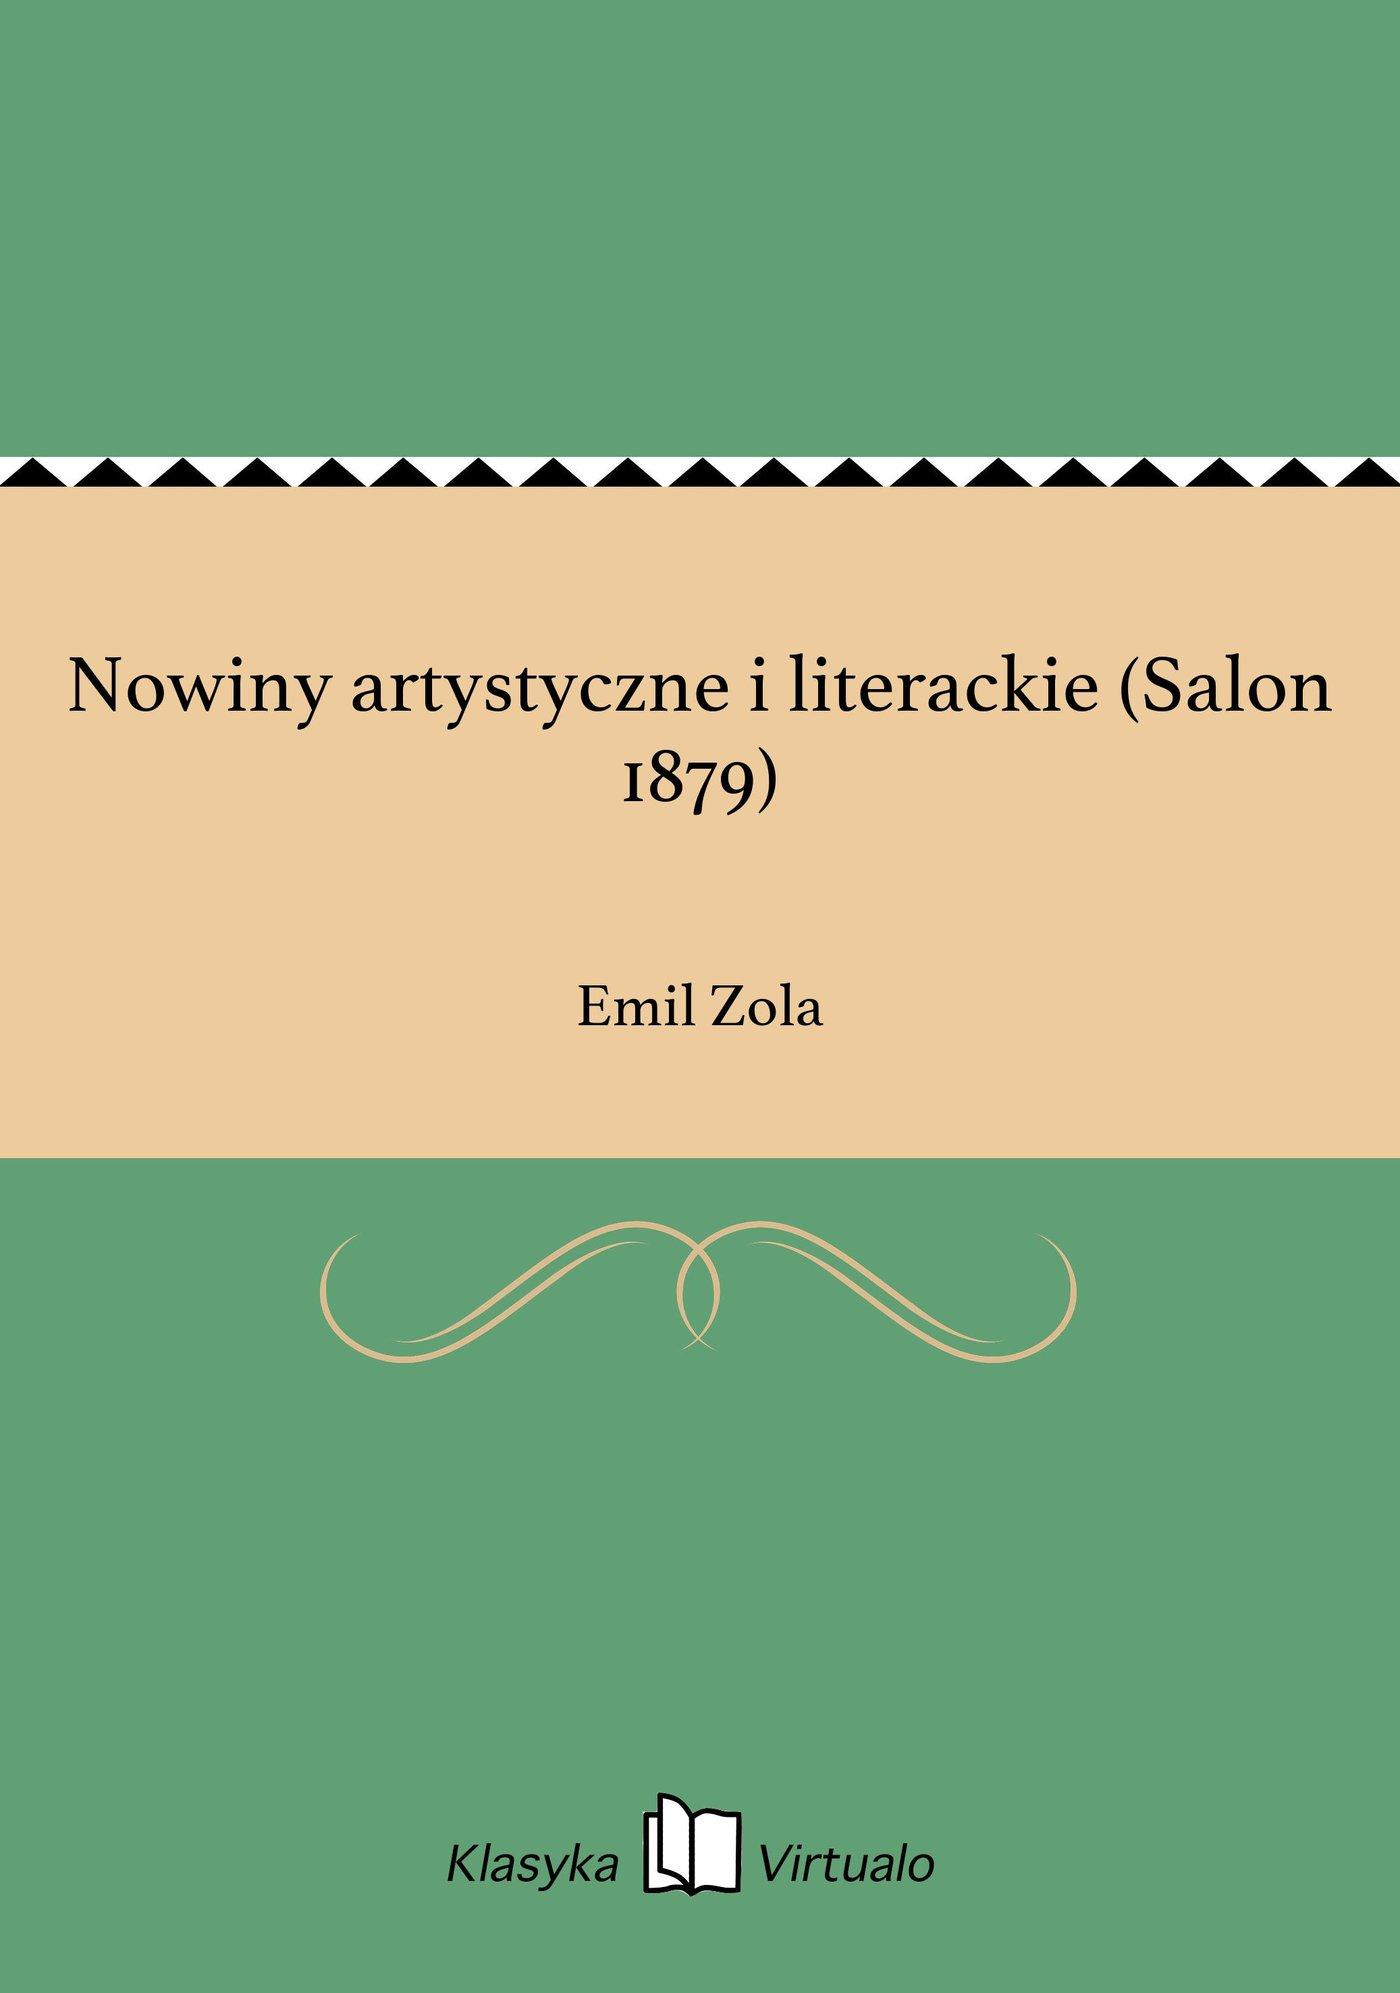 Nowiny artystyczne i literackie (Salon 1879) - Ebook (Książka EPUB) do pobrania w formacie EPUB